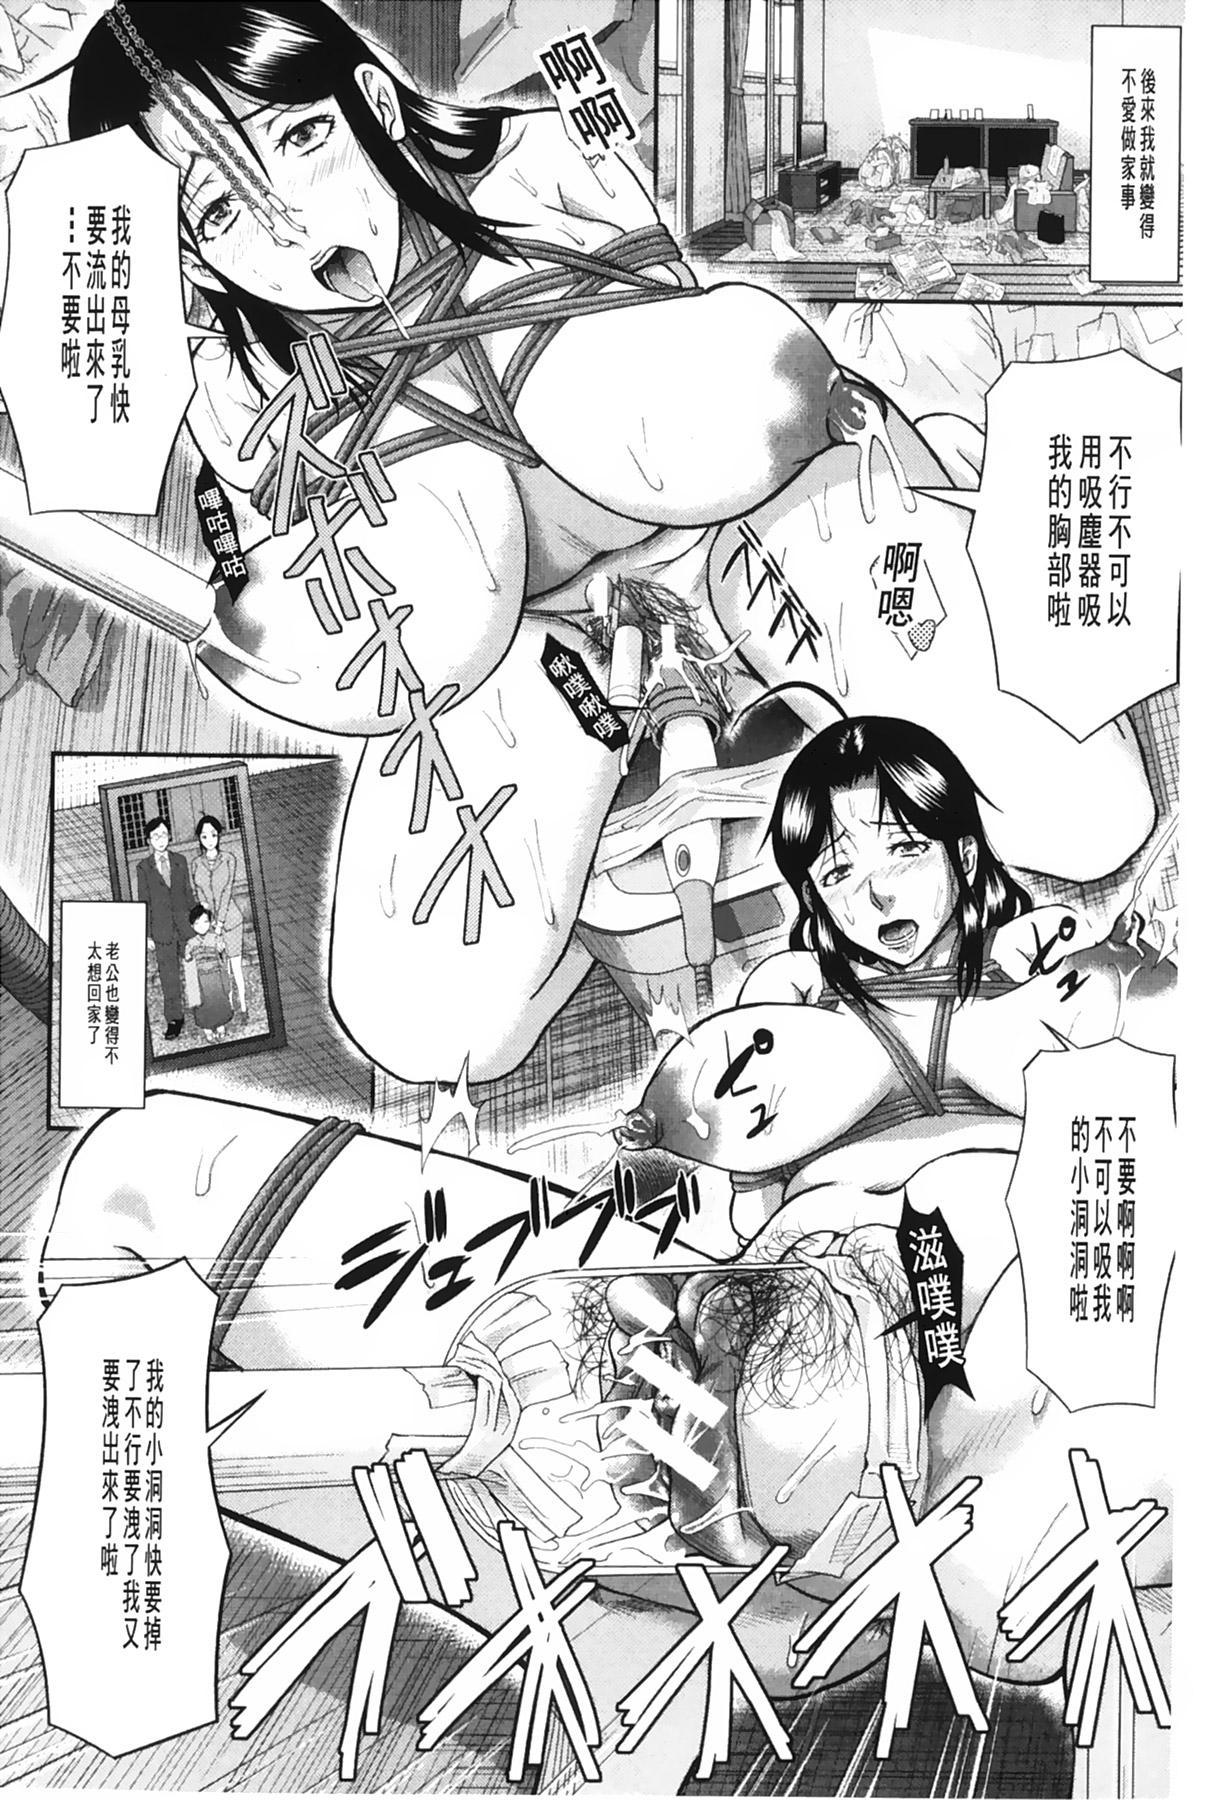 [Honebuto Danshaku] Onna Jigoku Niku no Tsubo~Hentai Rui Inran Ka Mesu Buta Ichidaiki~ | 女地獄、肉之壺 ~変態類淫乱科淫母豬一代記~ [Chinese] 90